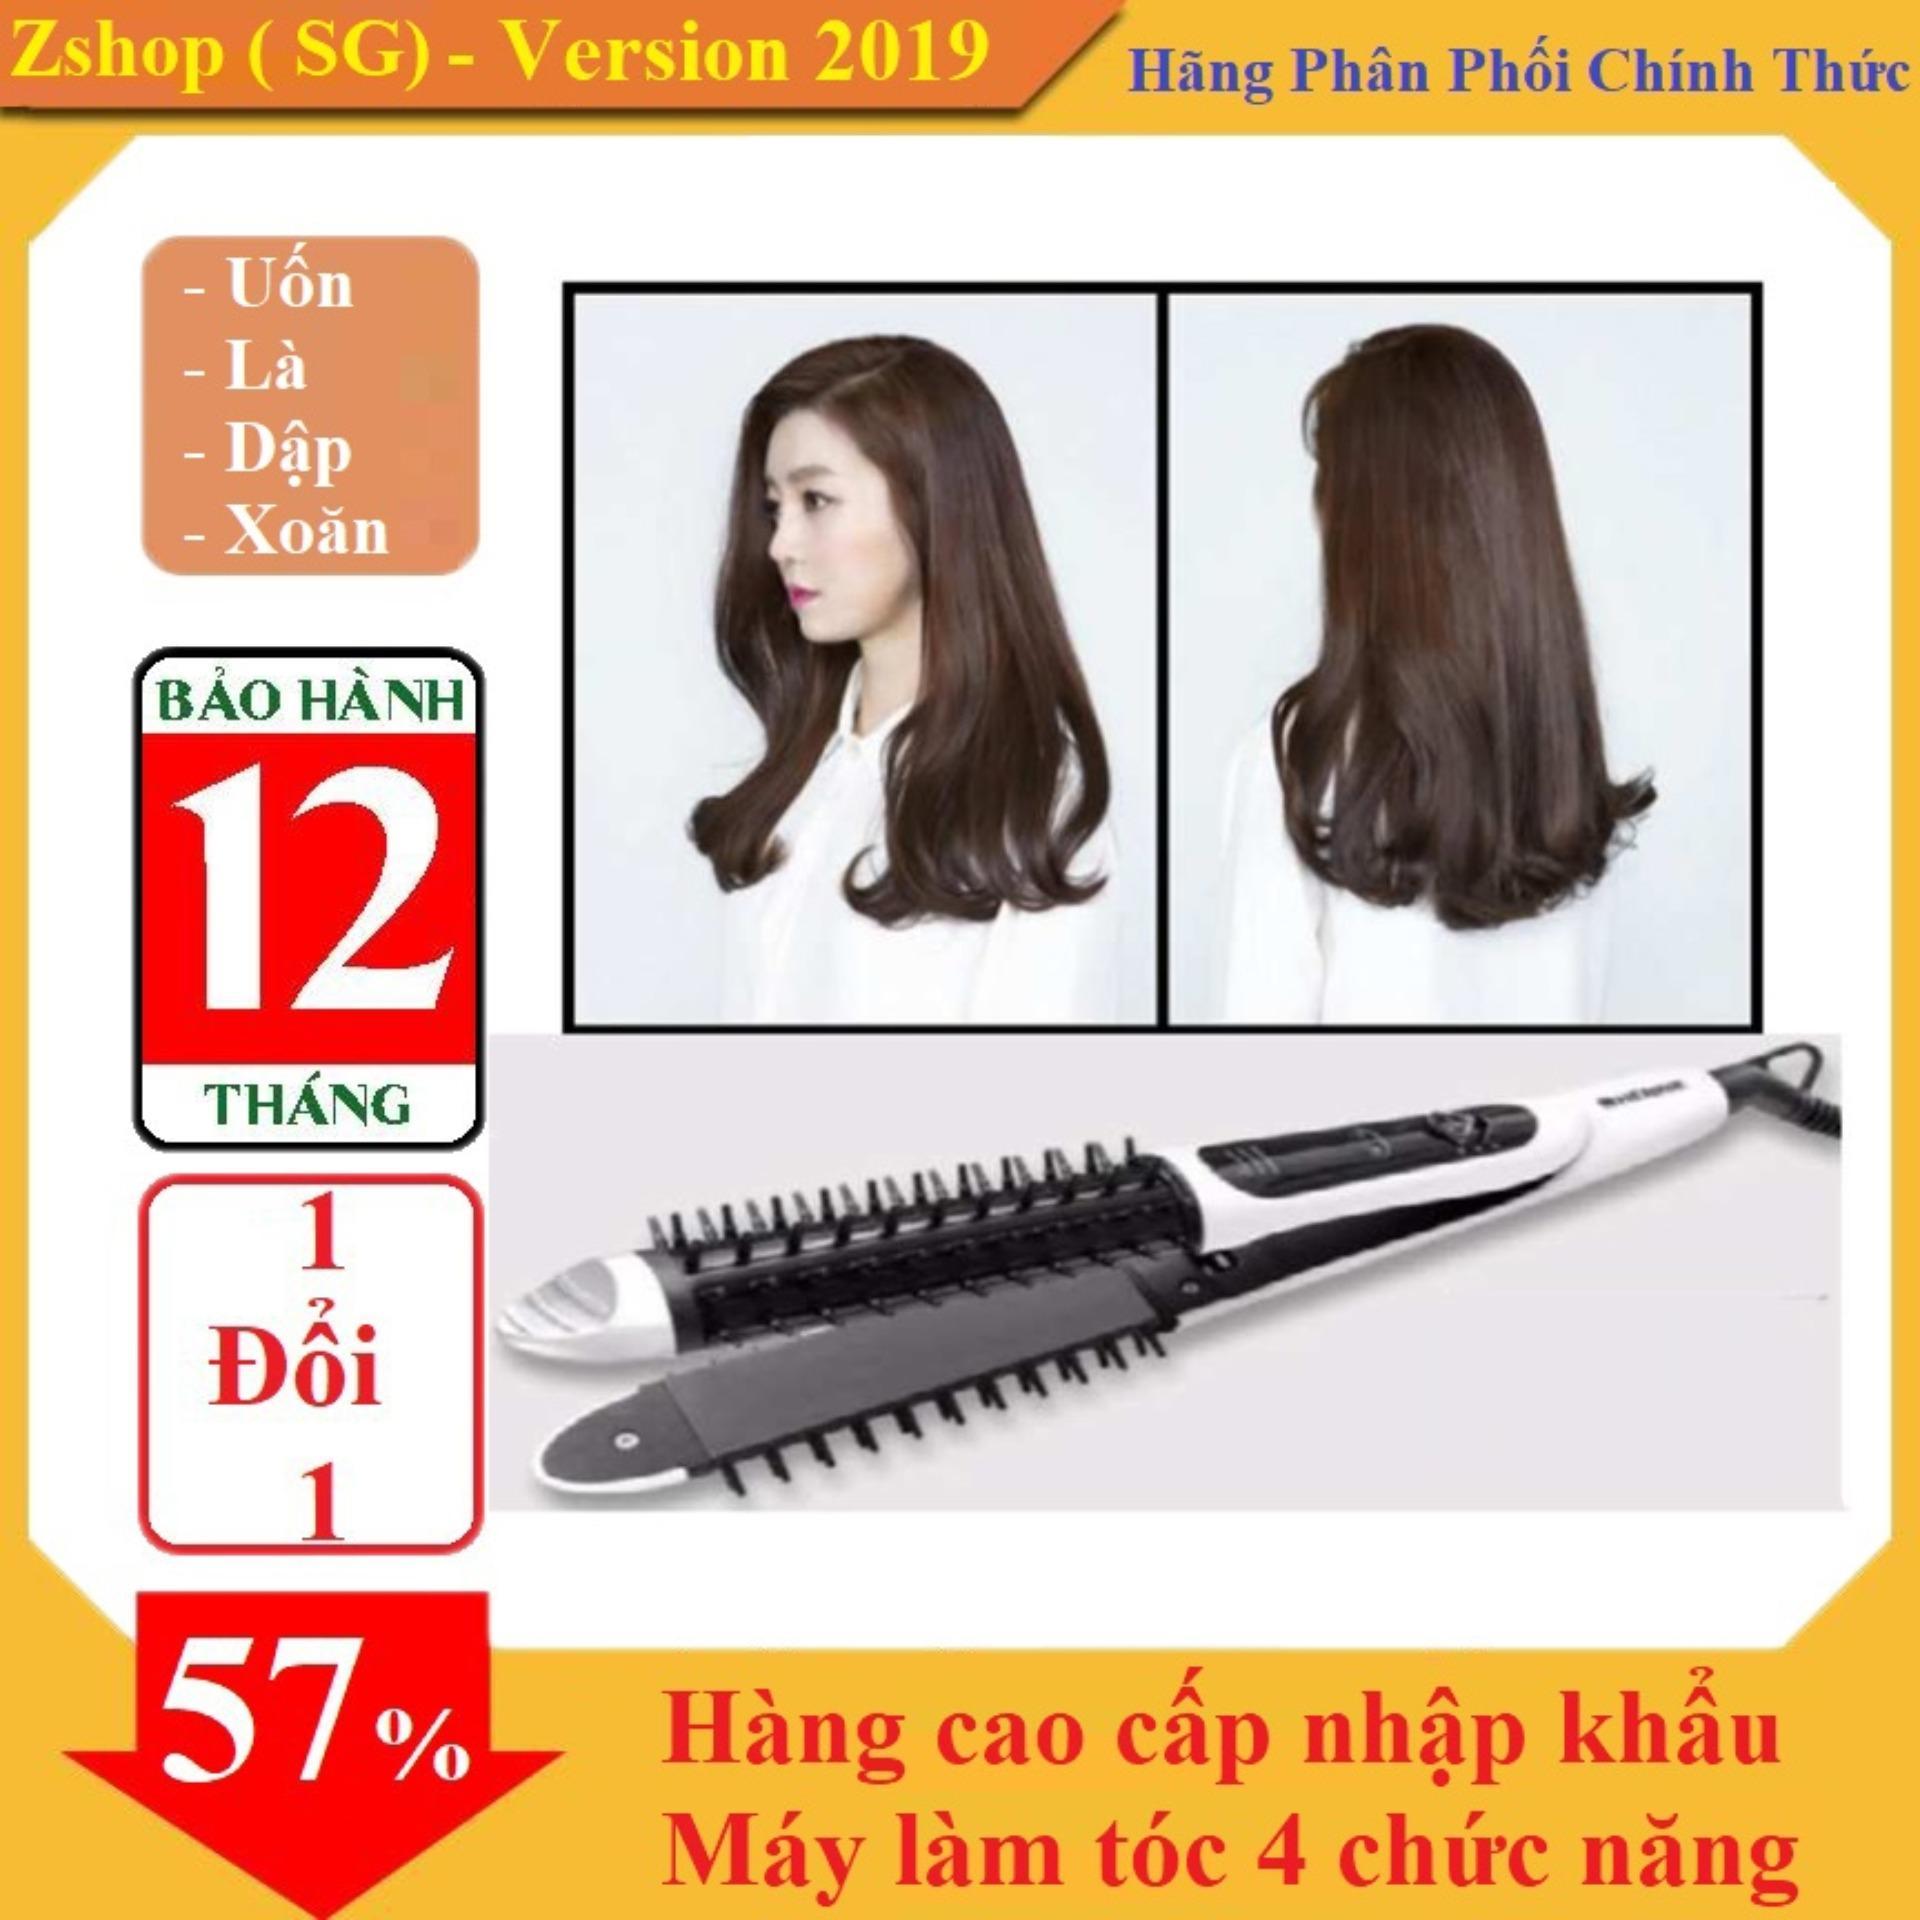 Dụng cụ làm đẹp tóc, Lược điện ruida SDG16, Luoc thong minh bubble stick, Phu Kien Lam Toc, máy uốn tóc chất lượng cao, giá tốt, hàng nhập khẩu - khuyến mại 50% chỉ trong ngày hôm nay nhập khẩu